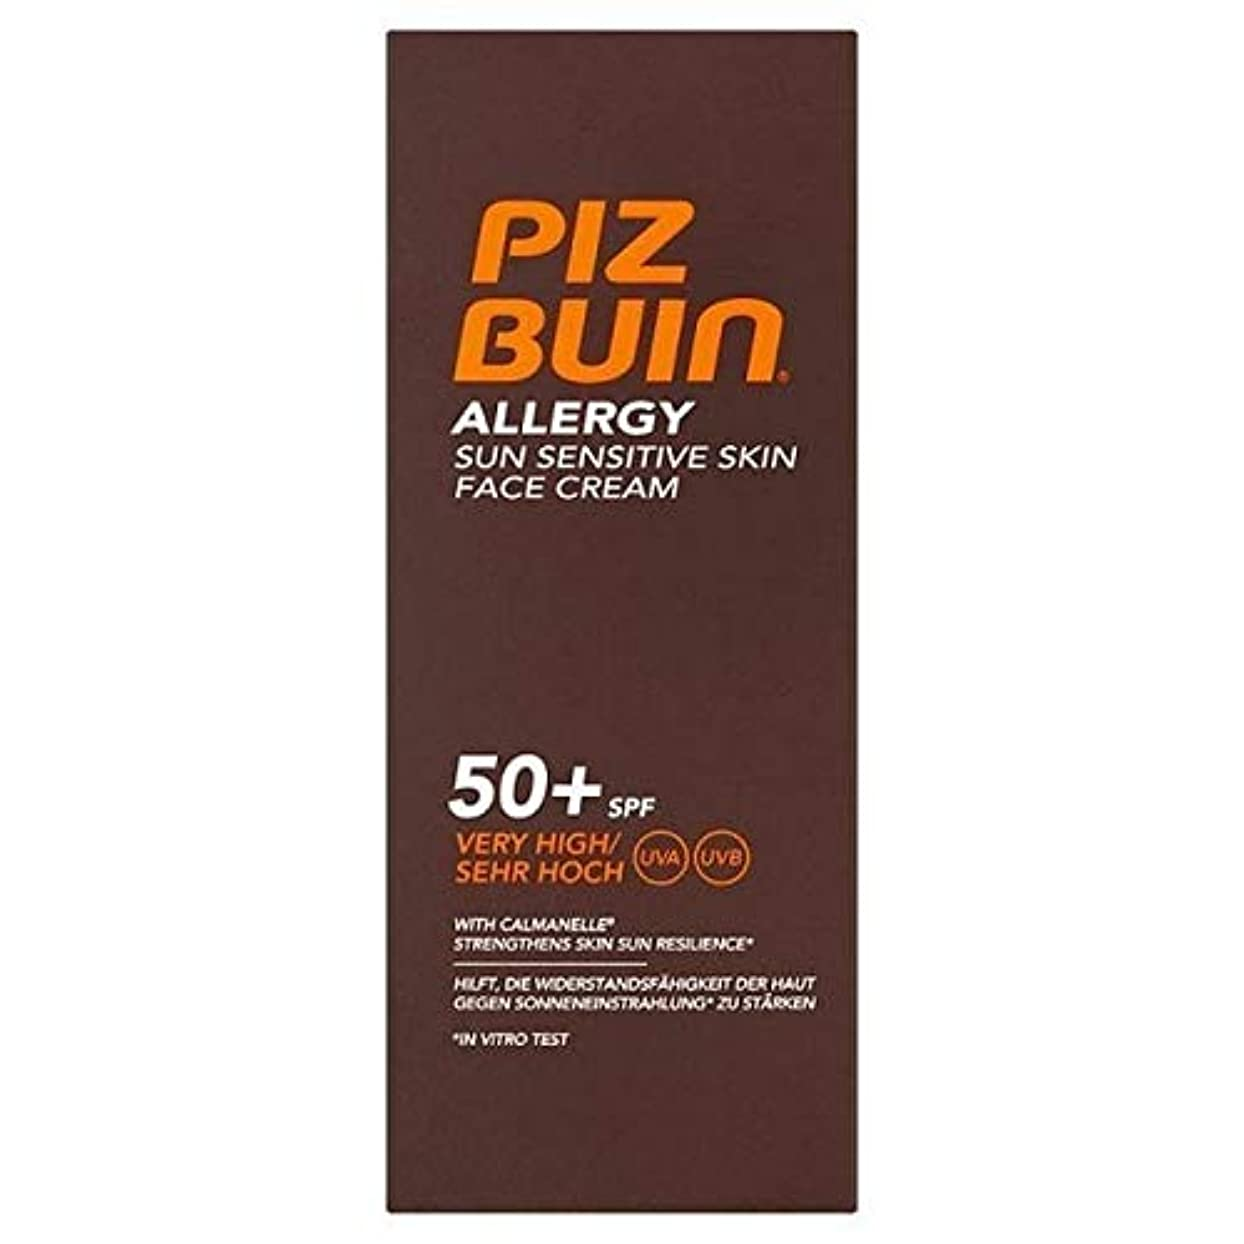 スロット上院議員遺体安置所[Piz Buin] ピッツブーインアレルギーフェースクリームSpf 50+非常に高い40ミリリットル - Piz Buin Allergy Face Cream SPF 50+ Very High 40ml [並行輸入品]